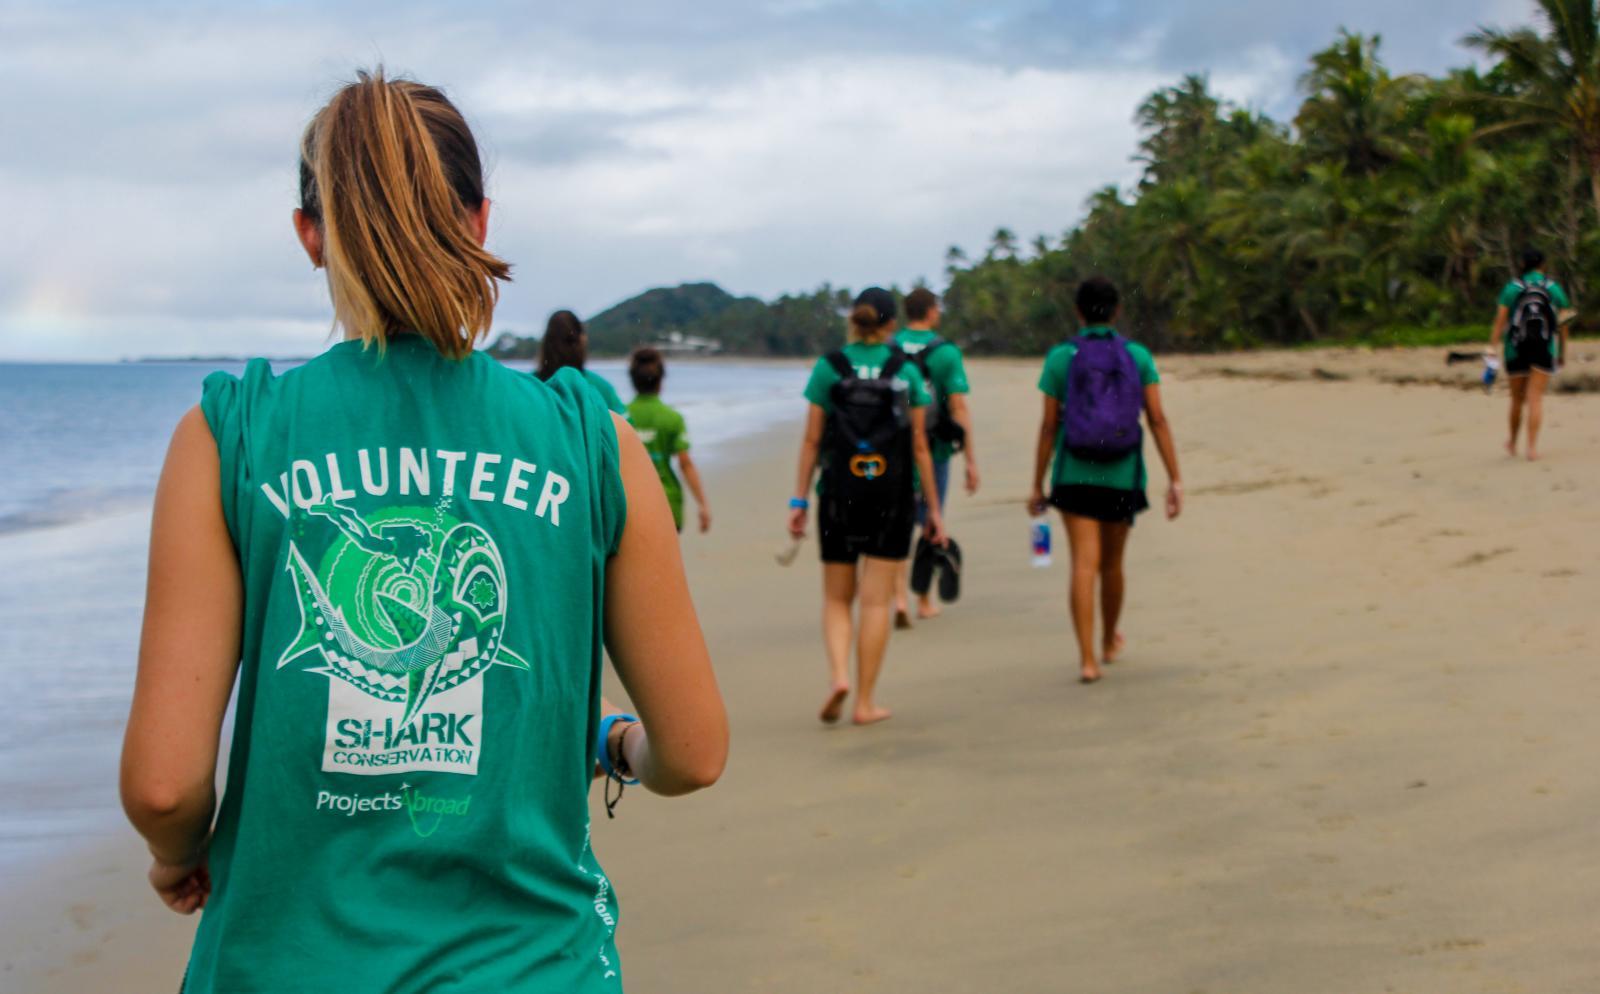 Consider Volunteering